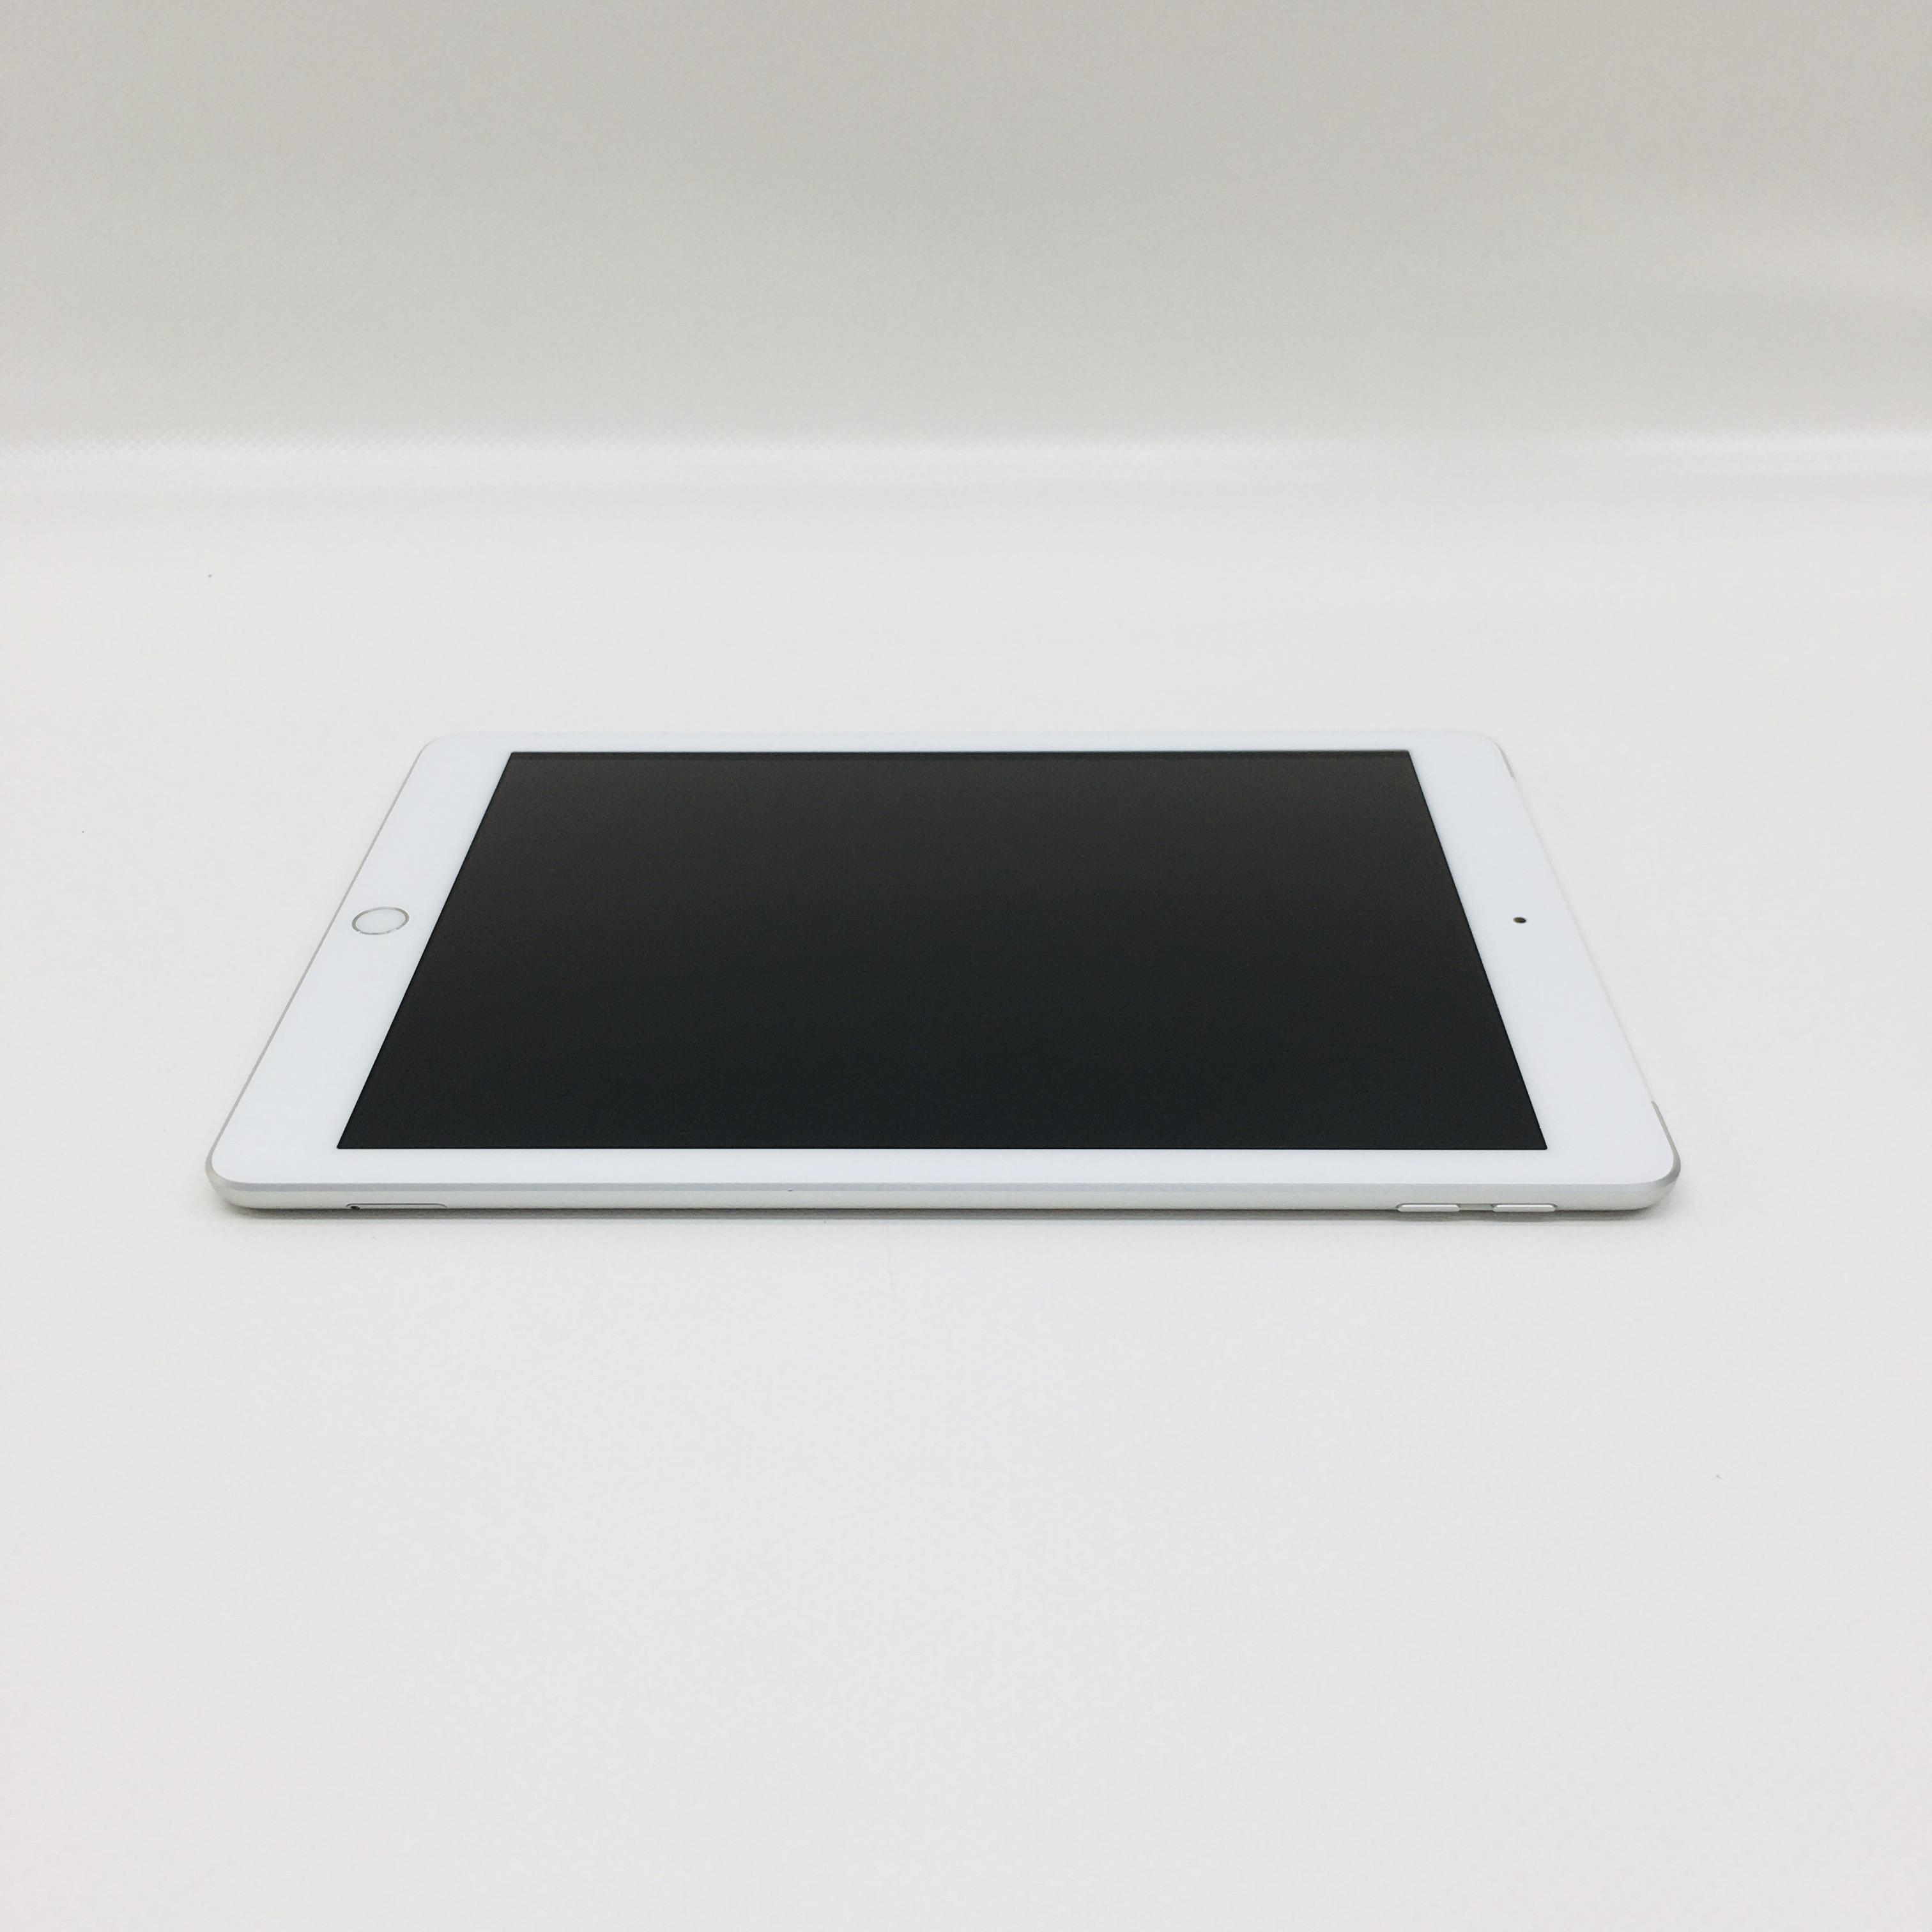 iPad 6 Wi-Fi + Cellular 128GB, 128GB, Silver, image 2